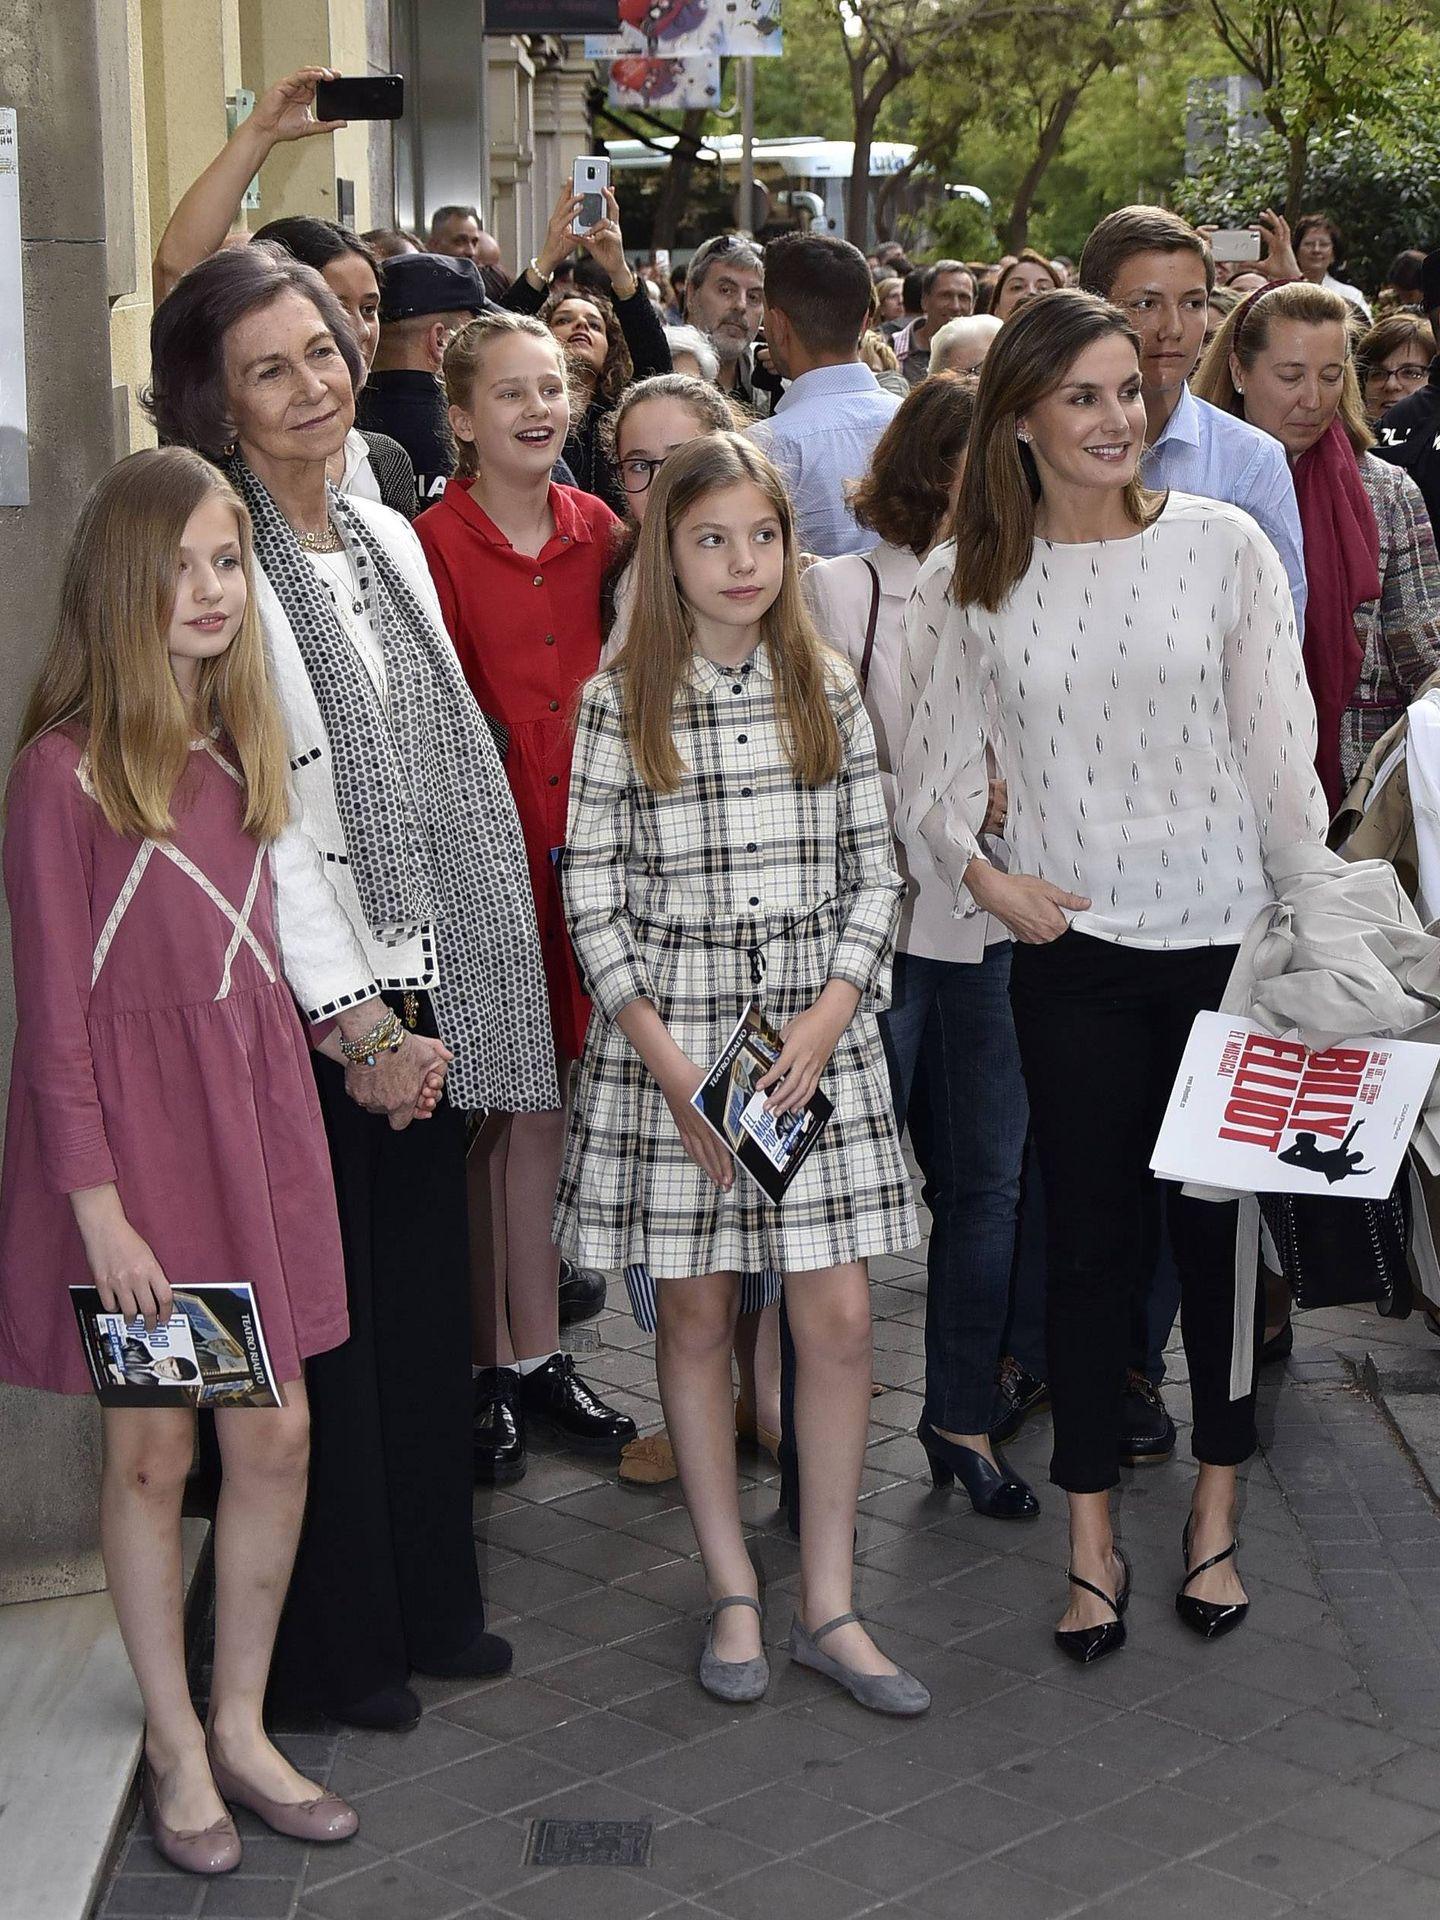 La reina Sofía y la reina Letizia con Irene Urdangarin, la princesa Leonor y la infanta Sofía, yendo a ver 'Billy Elliot'. (Cordon Press)